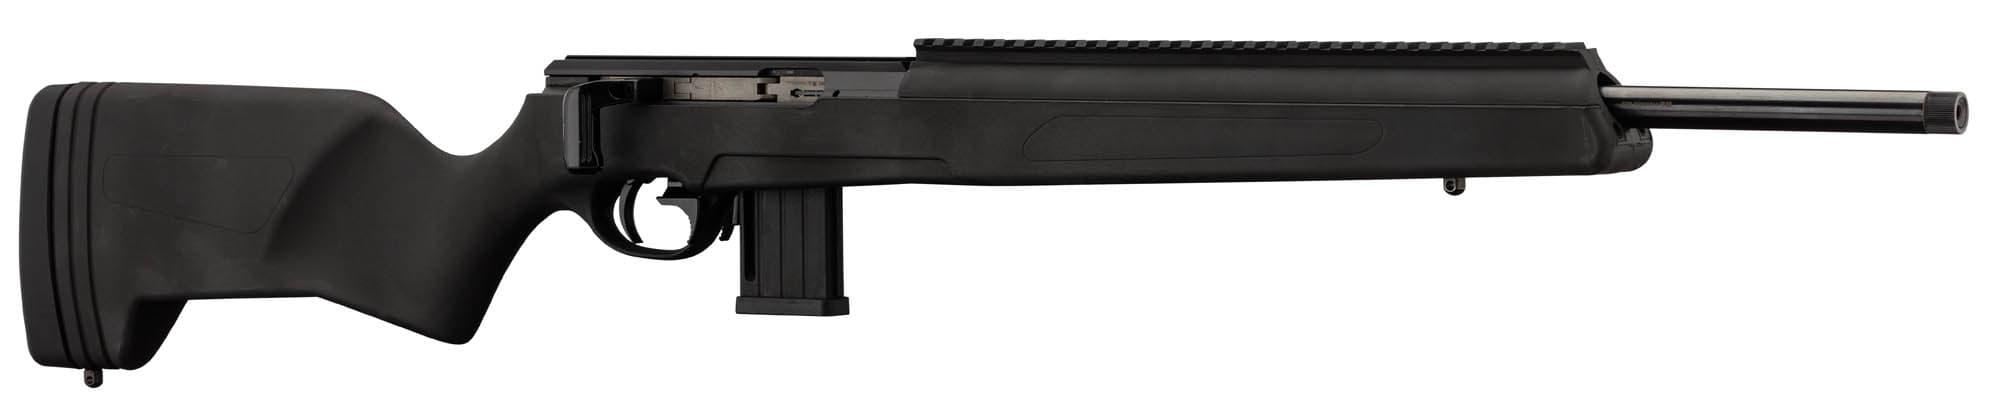 Steyr Mannlicher Scout Carbine RFR Threaded